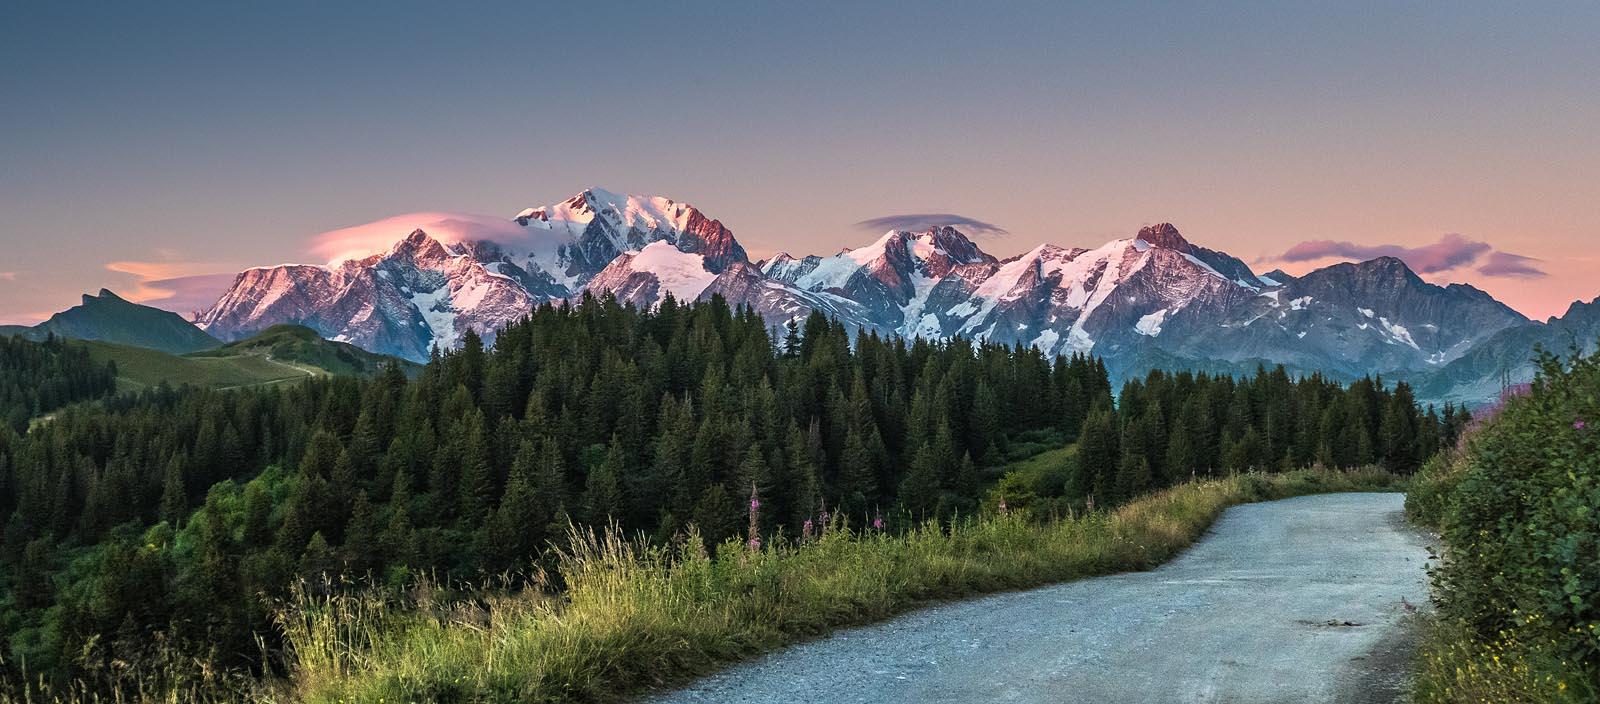 Coucher De Soleil Sur Le Mont Blanc - Laurent FABRY Photographe Professionnel